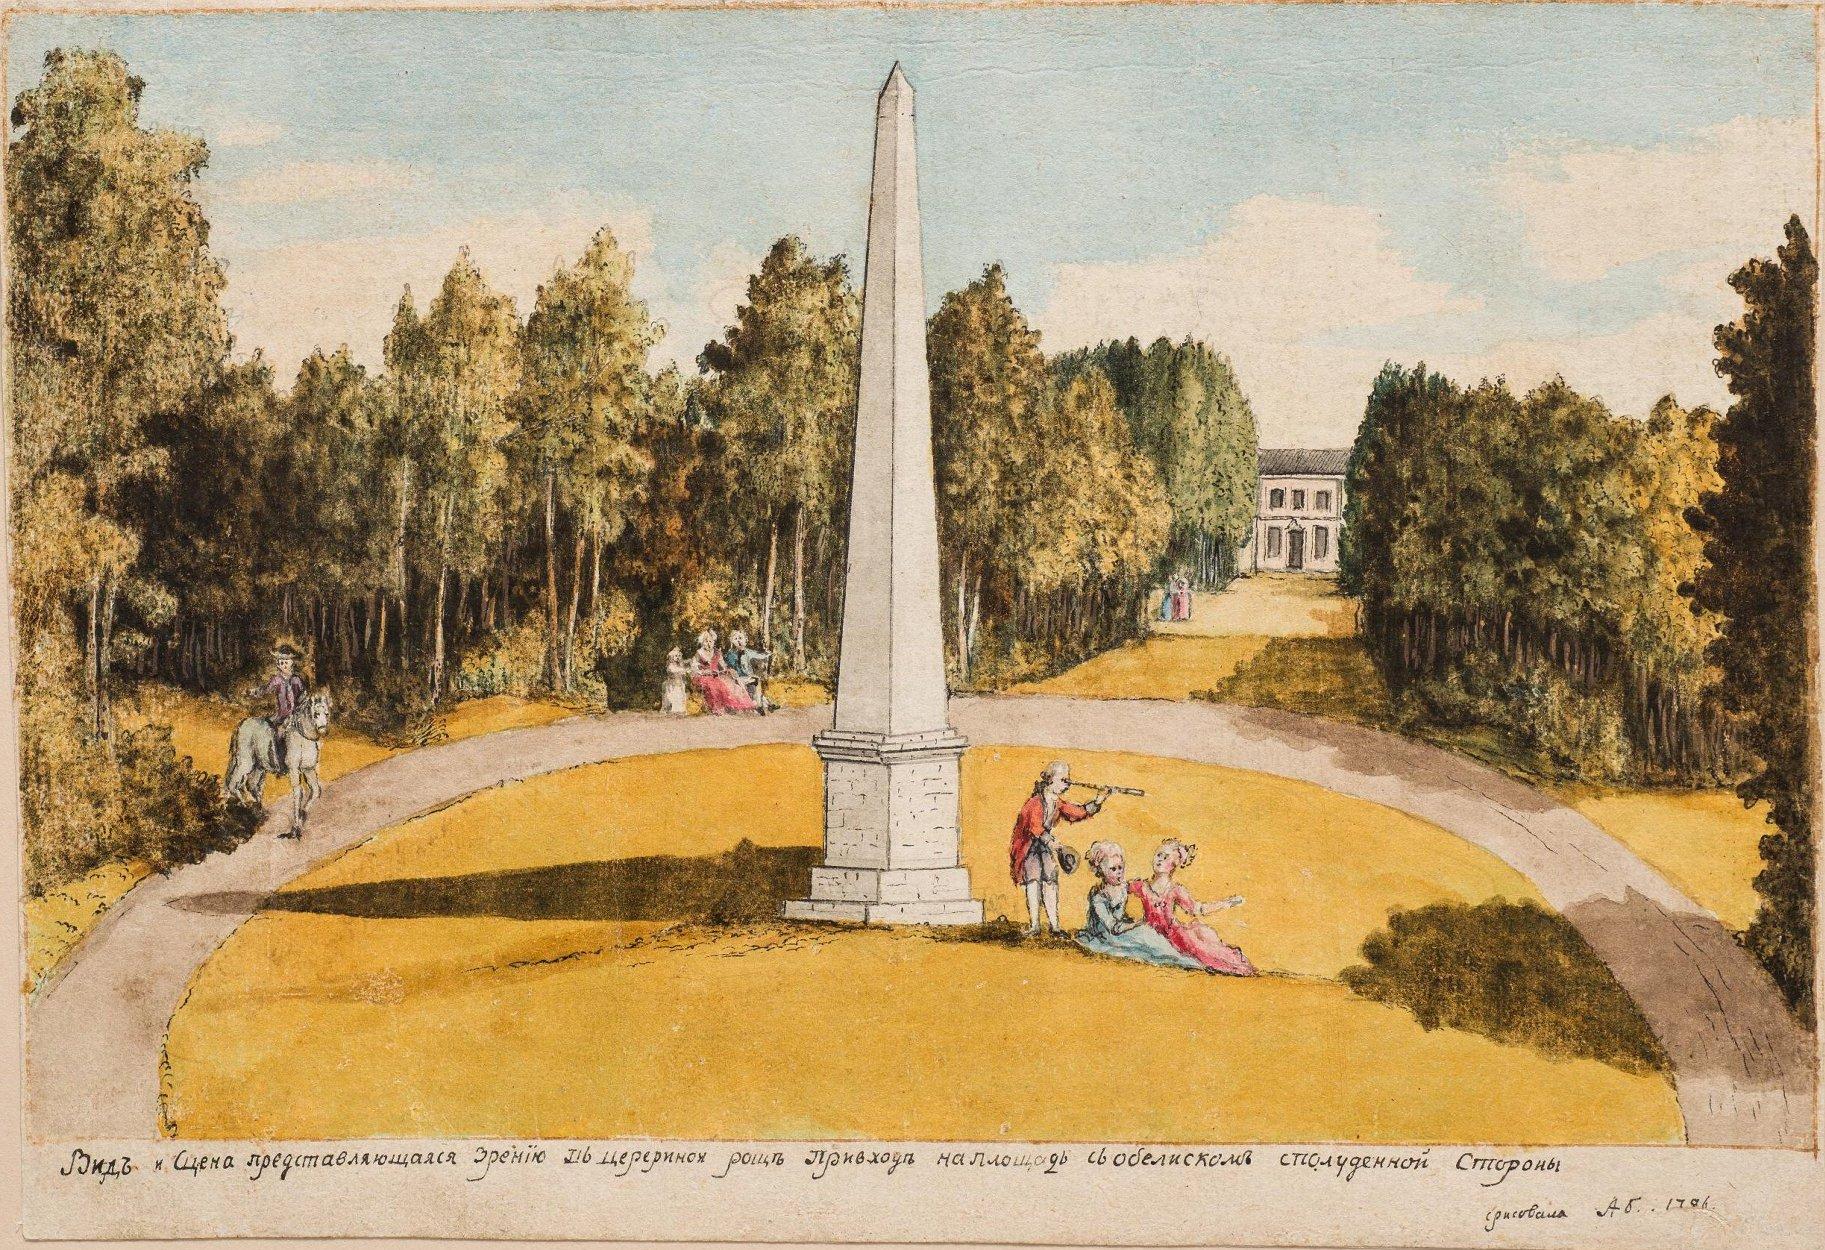 Вид на обелиск в Церериной роще в Богородицком парке (Вид и сцена представляющаяся зрению в Церериной роще при входе на площадь с обелиском с полуденной стороны)